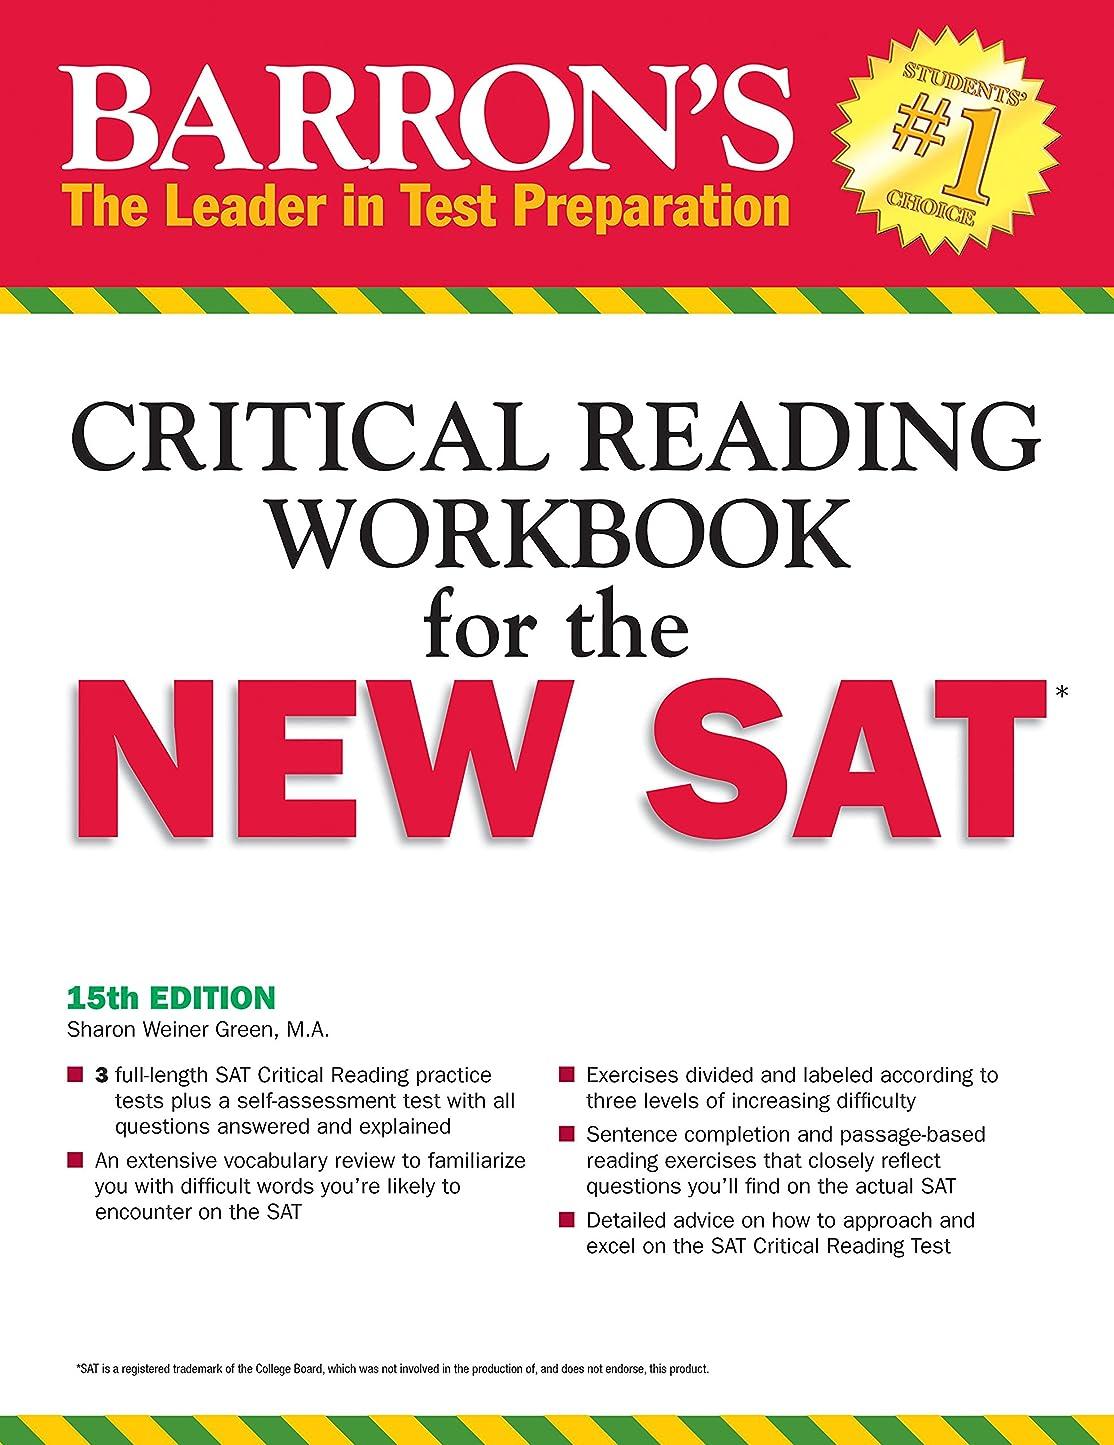 トランペット項目規制Barron's Reading Workbook for the NEW SAT (Critical Reading Workbook for the Sat)